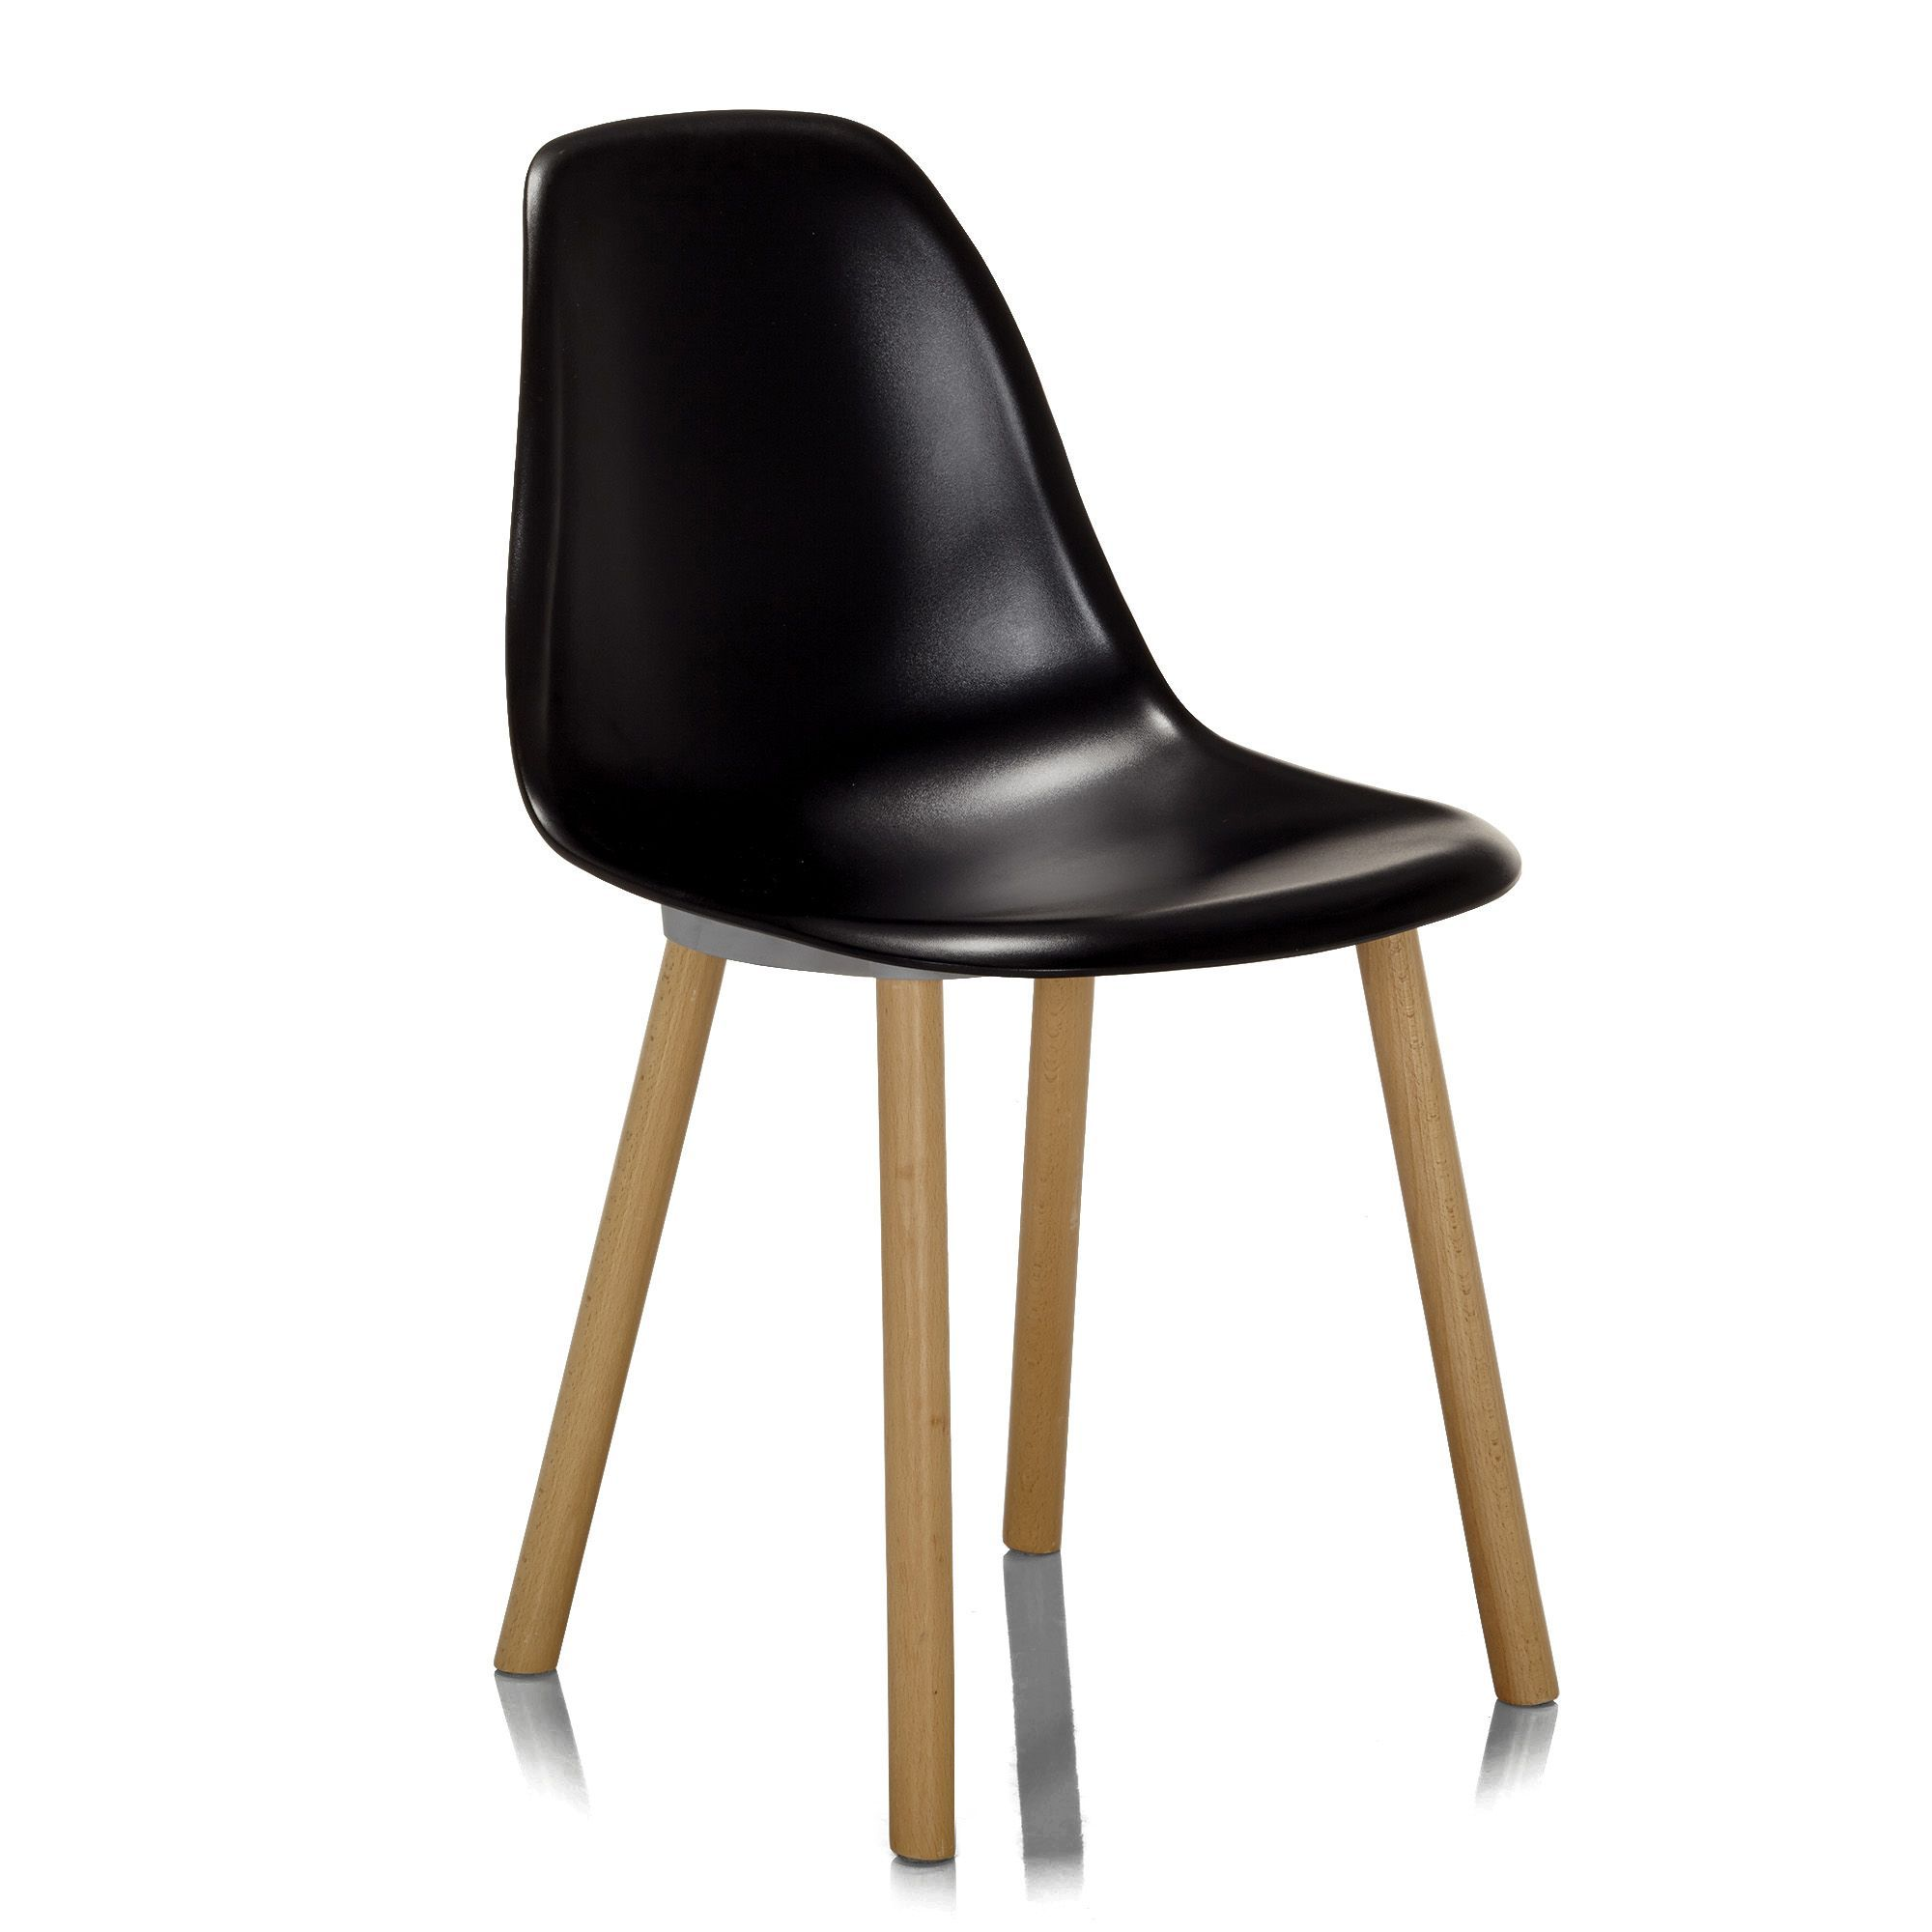 chaise noire avec pi tement en bois design scandinave noir hop chaises tables et chaises. Black Bedroom Furniture Sets. Home Design Ideas